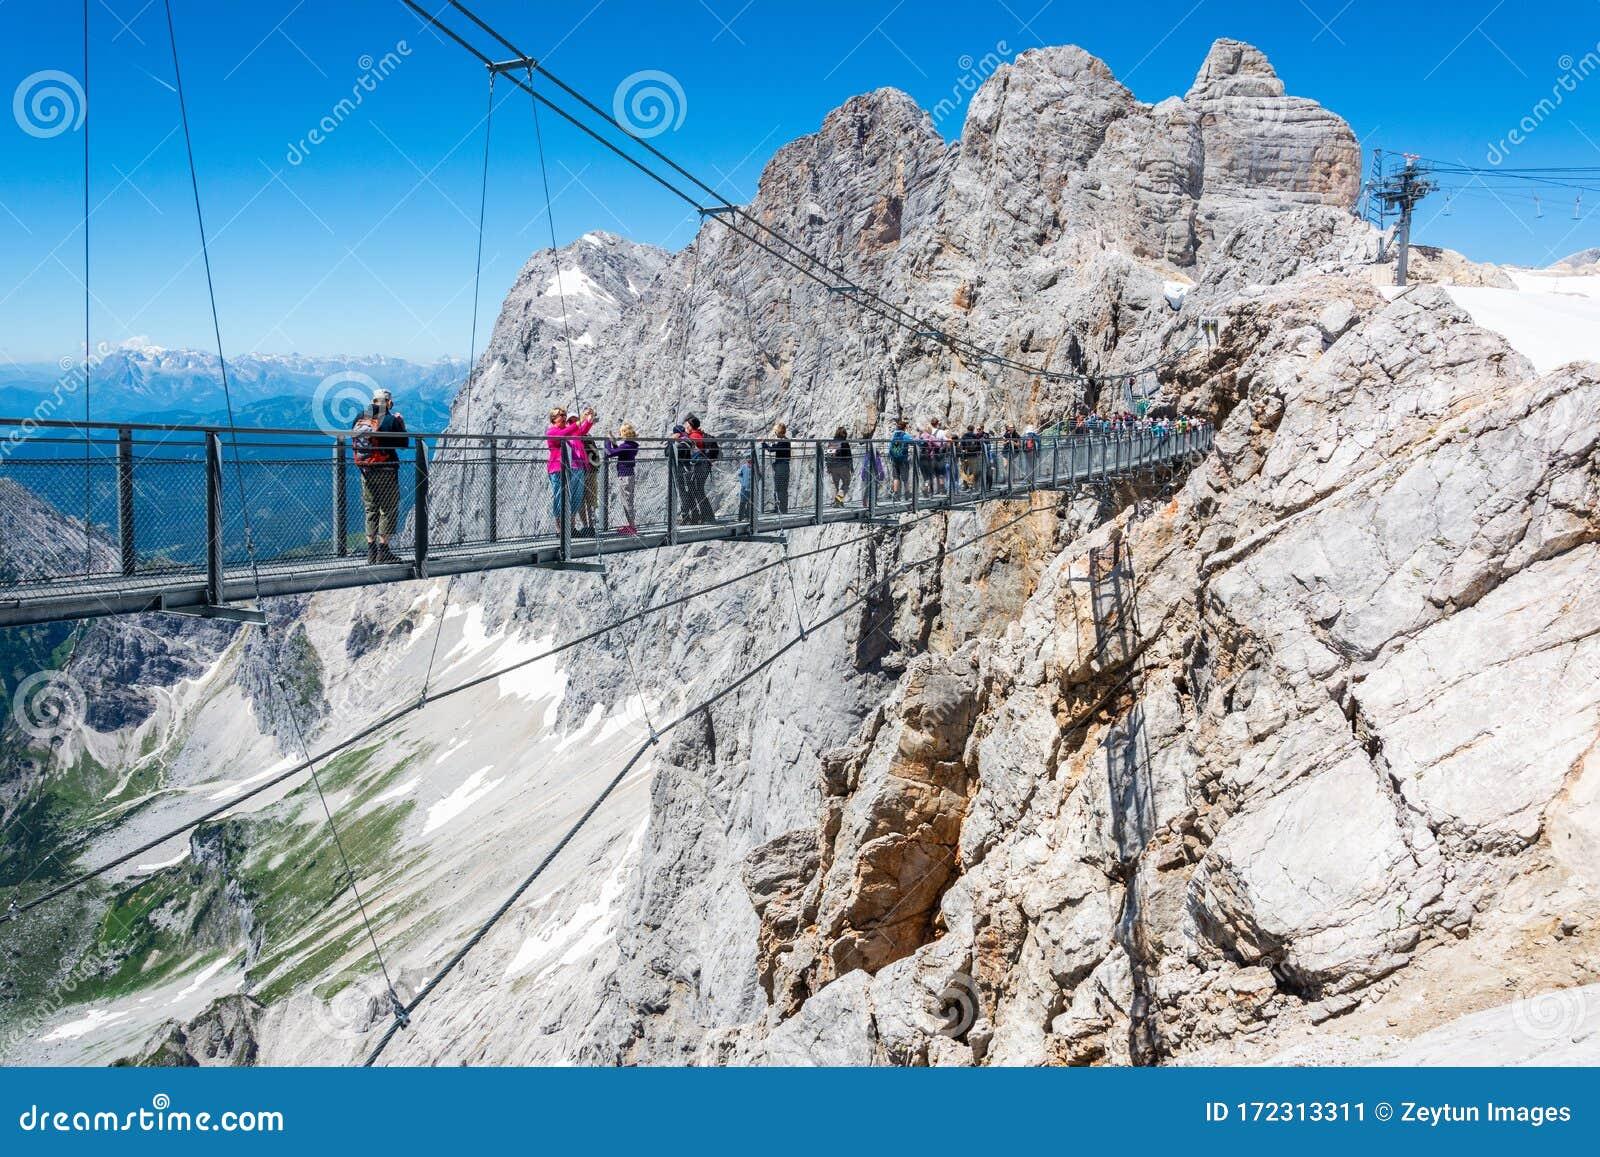 Suspension Bridge of Dachstein Skywalk Viewpoint in Austria ...